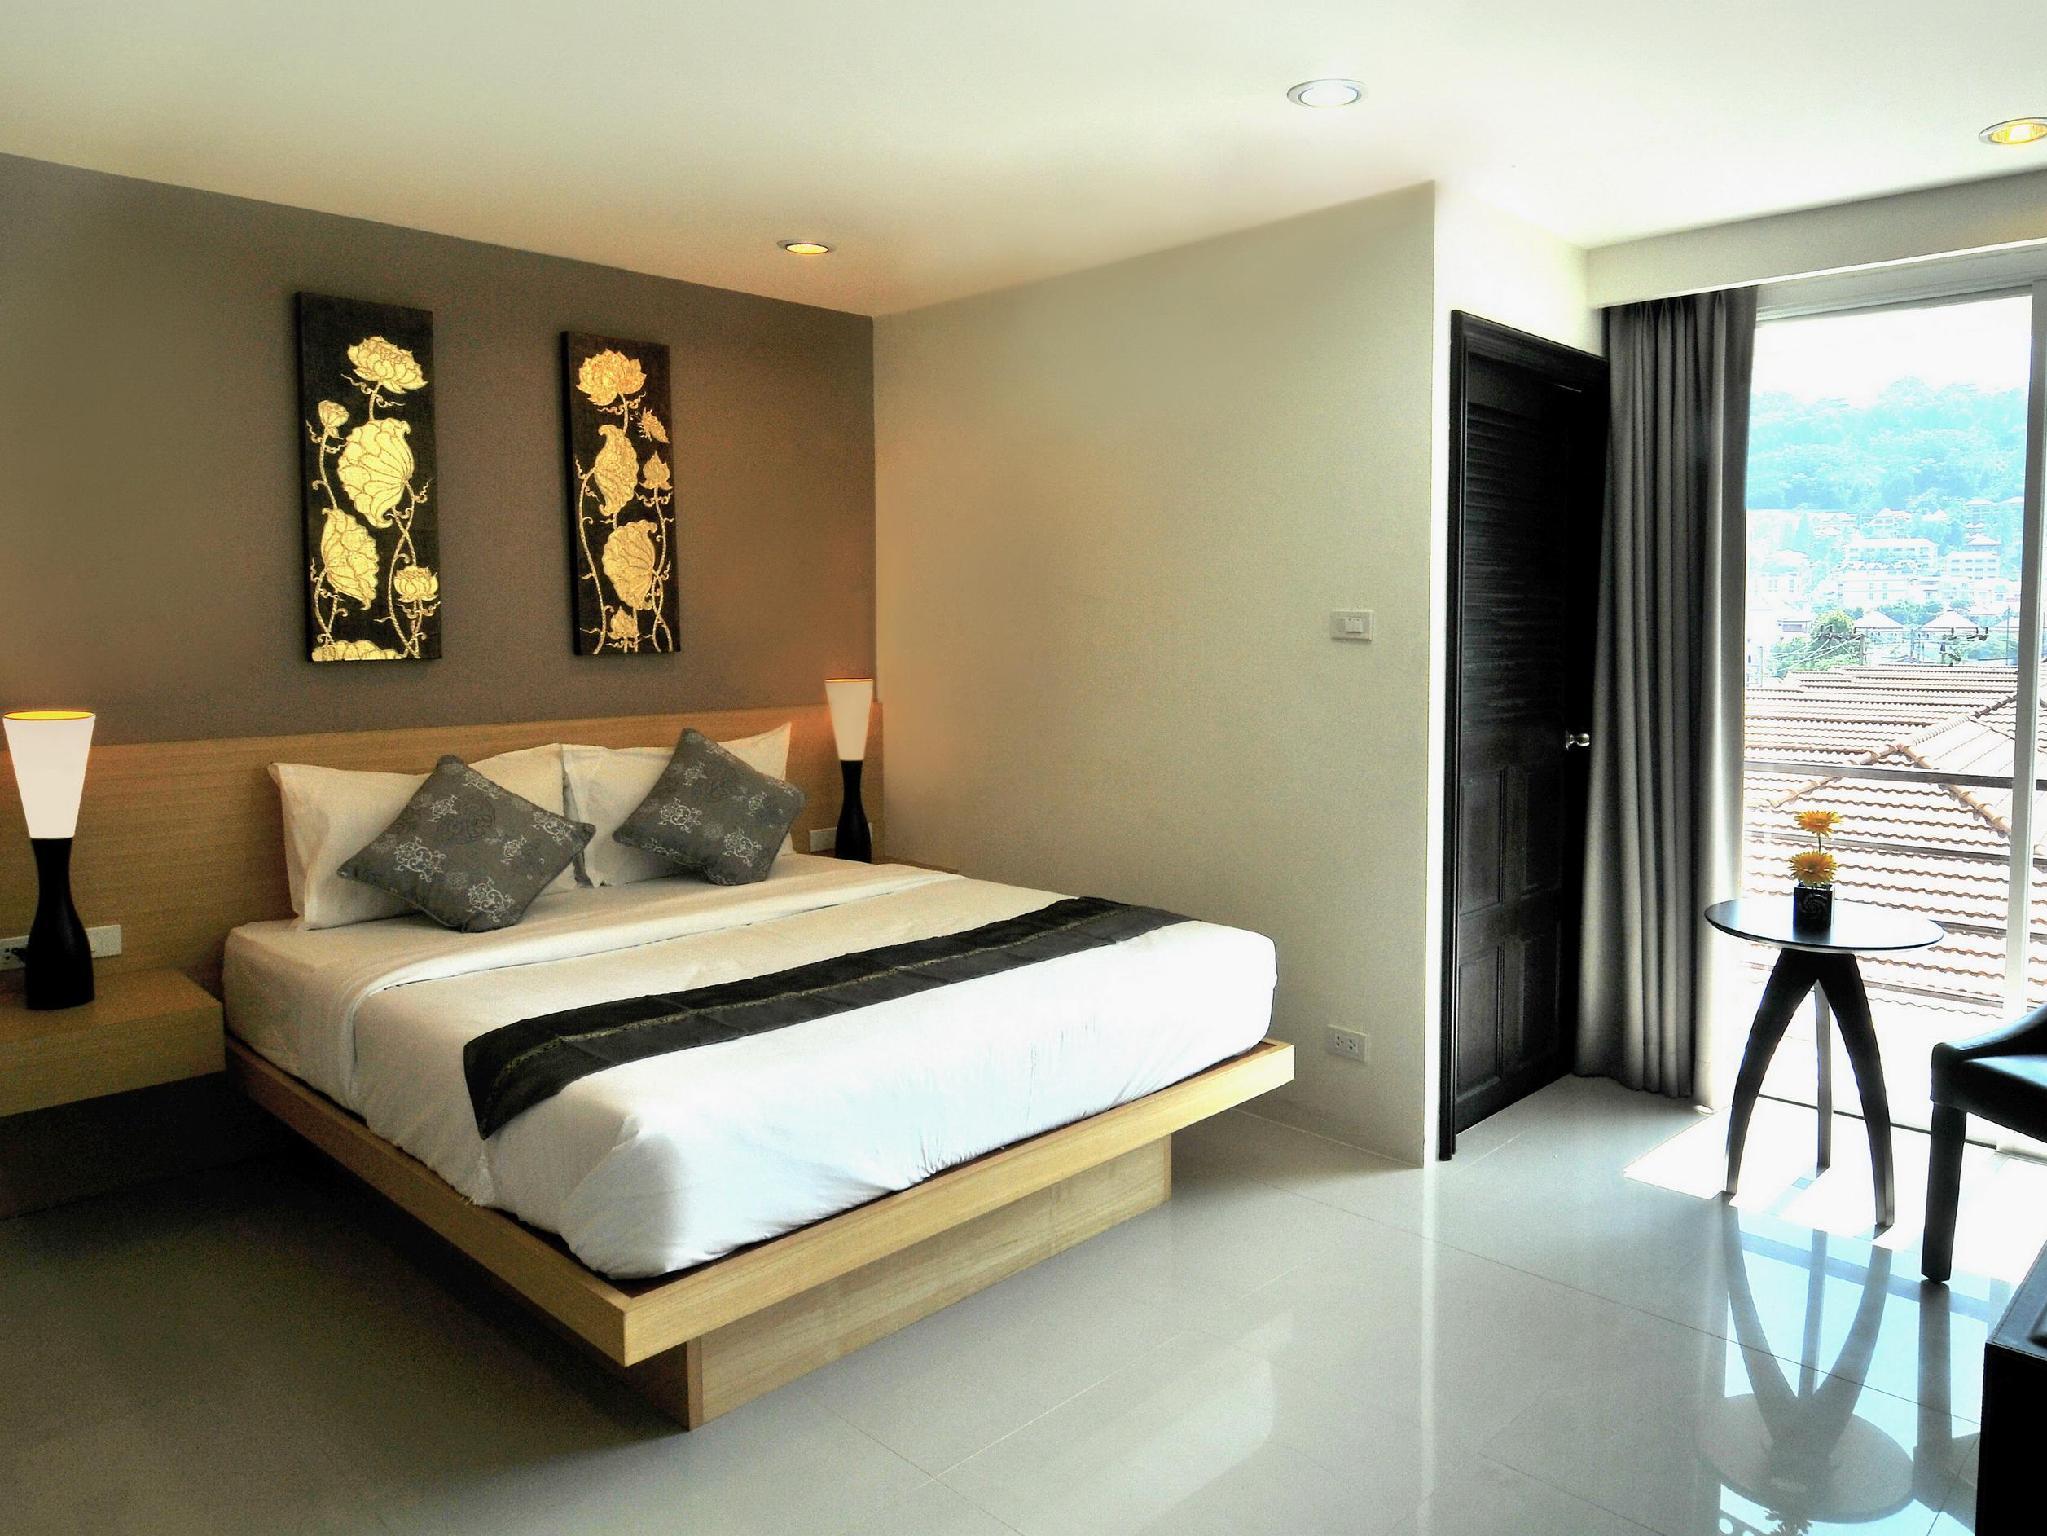 Hotell Sleep Here Hotel i Patong, Phuket. Klicka för att läsa mer och skicka bokningsförfrågan